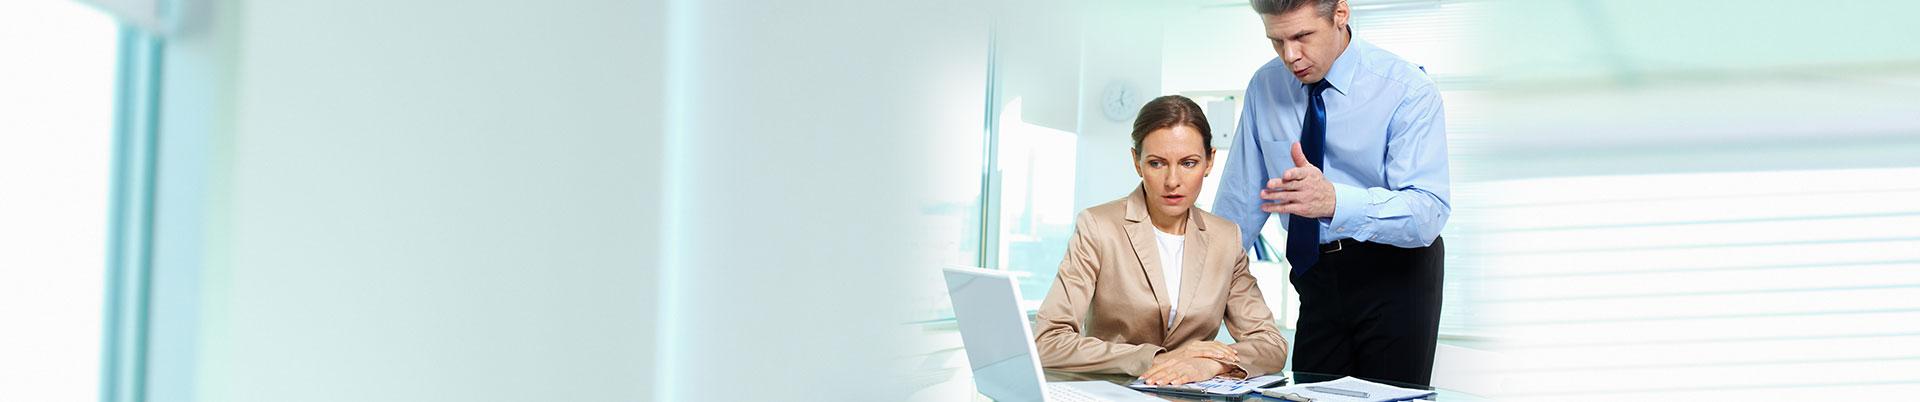 Financial Planning Software Development